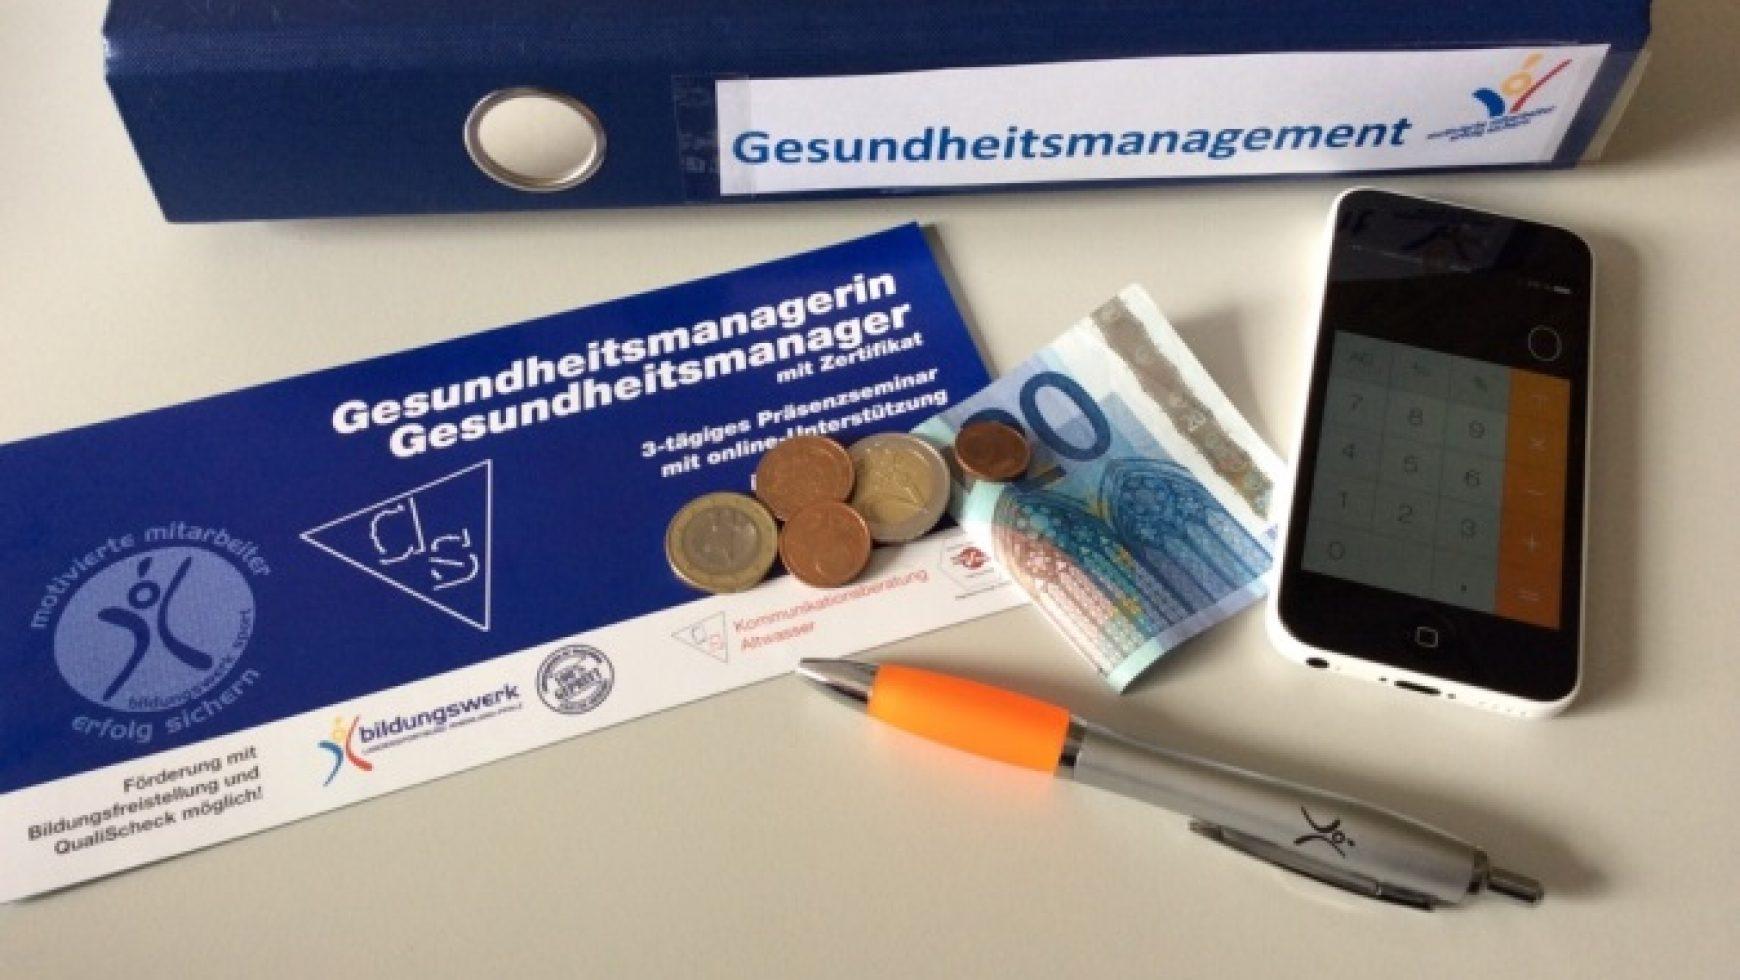 Gesundheitsmanager/in mit Zertifikat  – nächster Termin 14./15.06. und 12.07.2014 in Mainz